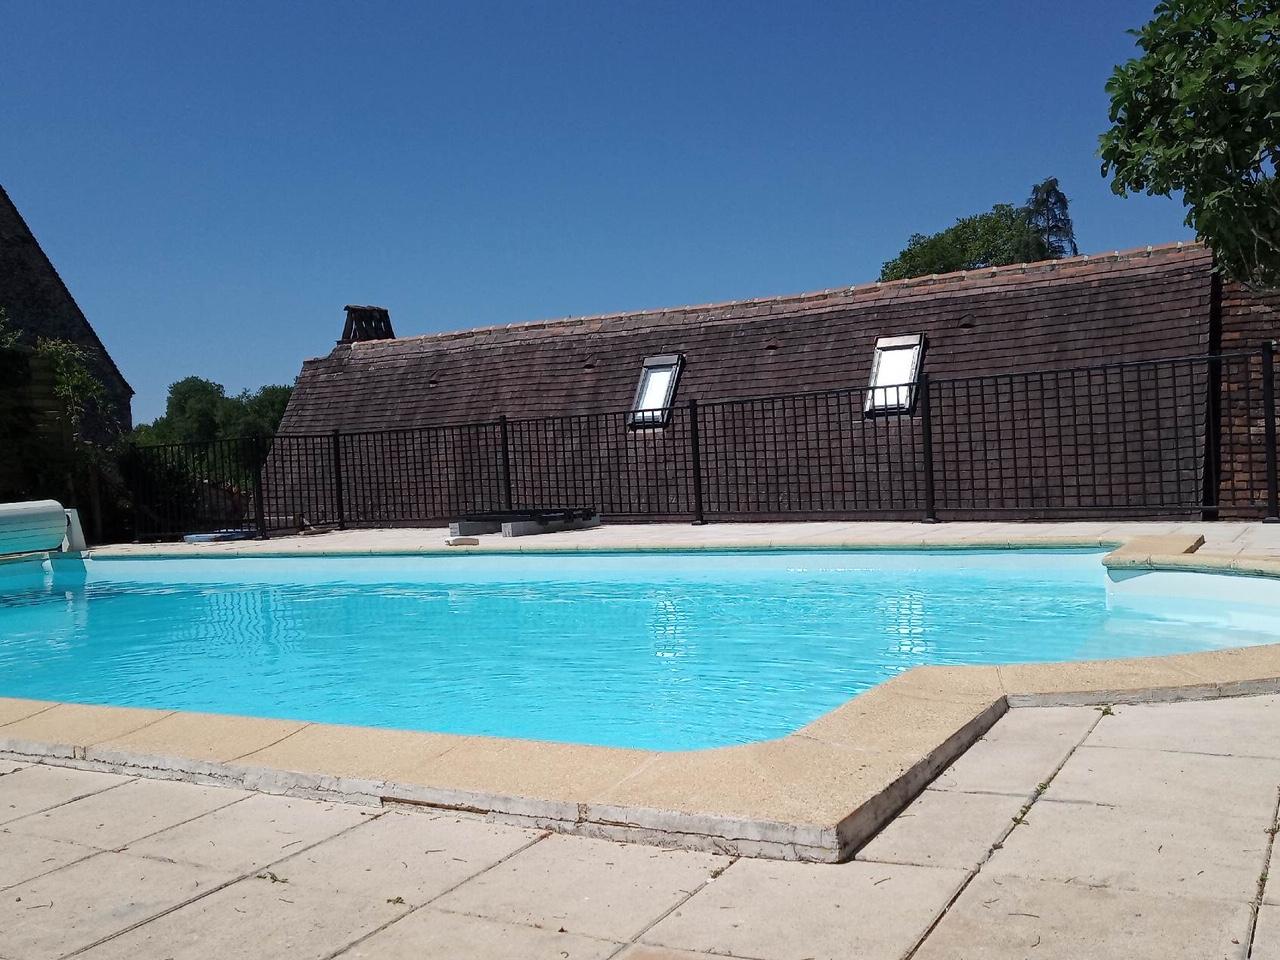 Montage et installation complète par notre client d'un garde corps pour piscine réalisation à partir de notre gamme garde-corps sans soudure finiiton galvanisé et peint .